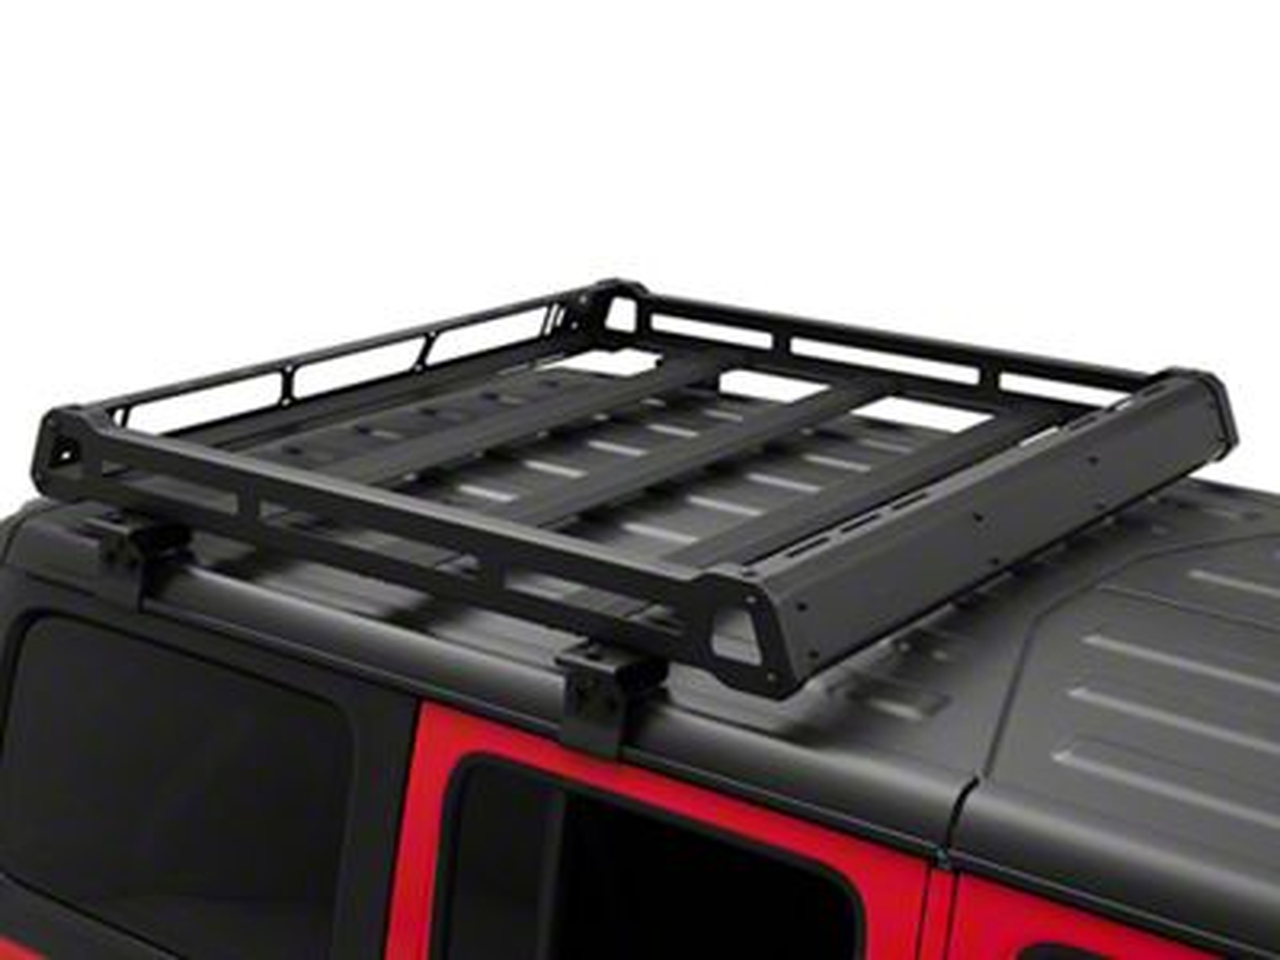 Barricade Jeep Wrangler Roof Rack Basket For Oem Hard Top J133620 18 21 Jeep Wrangler Jl